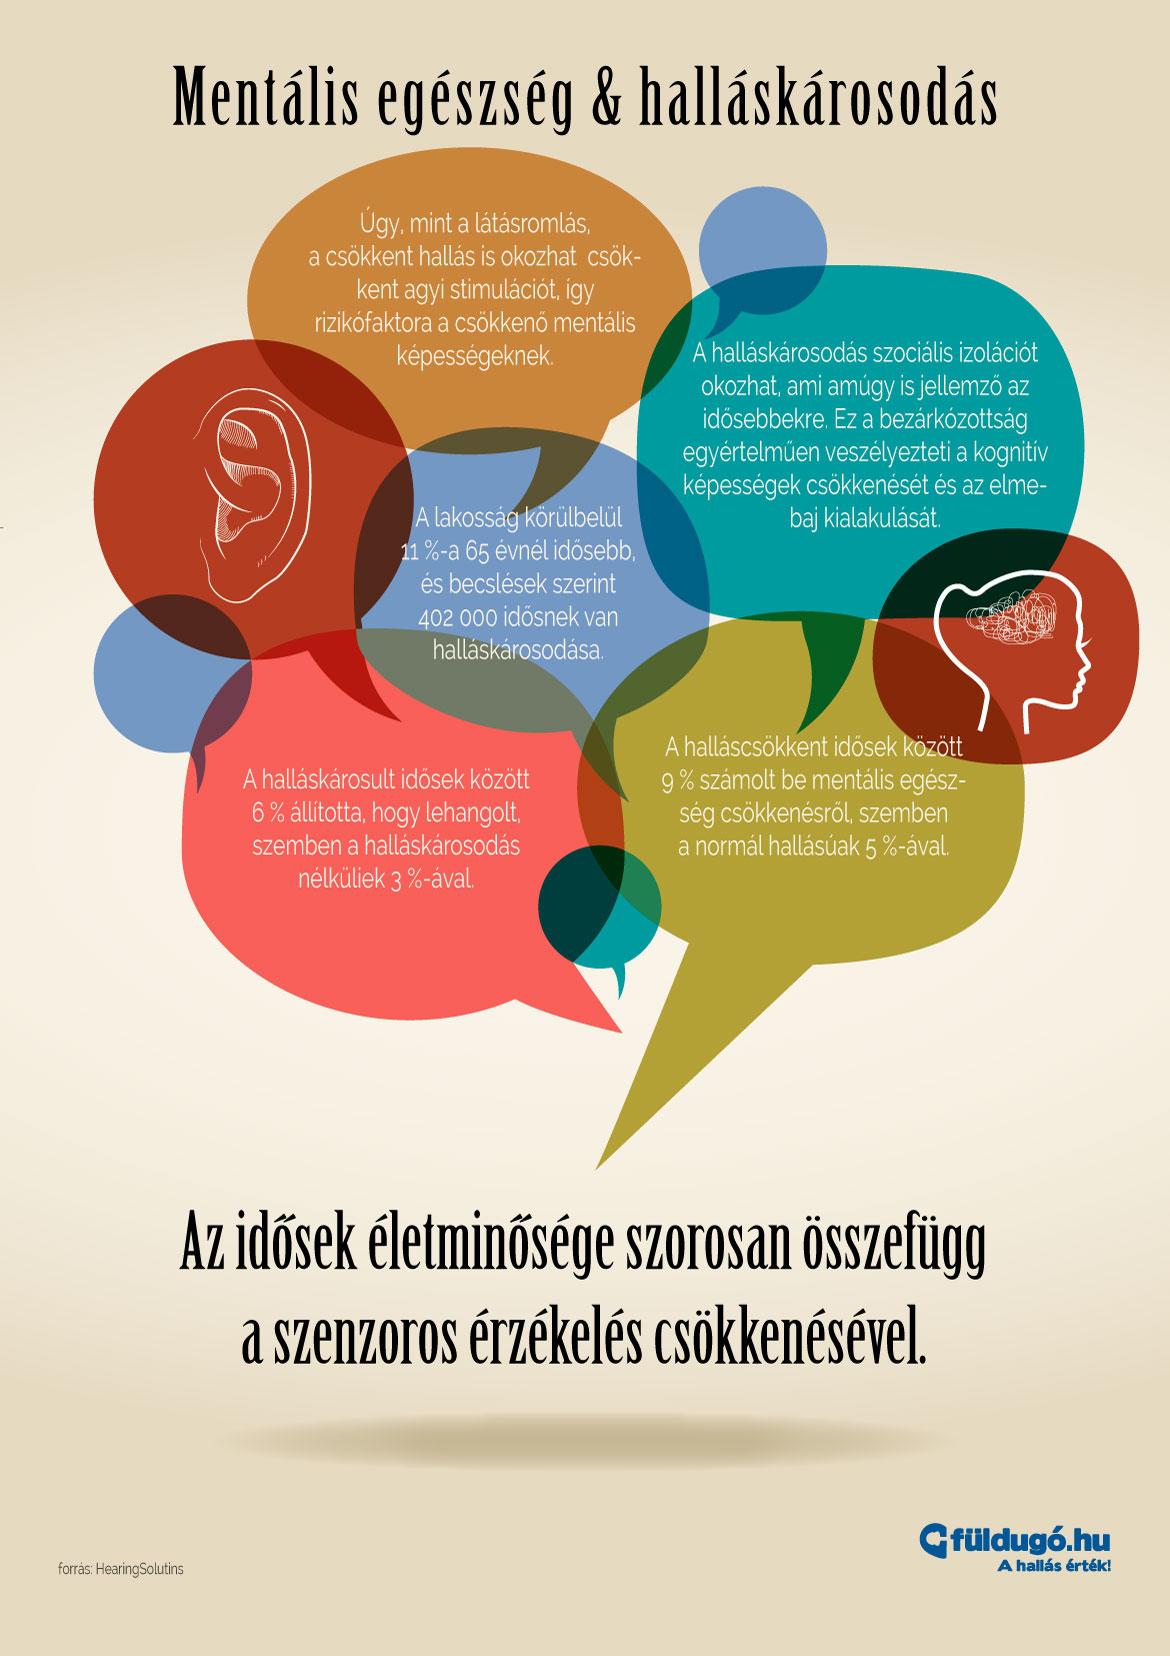 halláskárosodás és látásromlás)